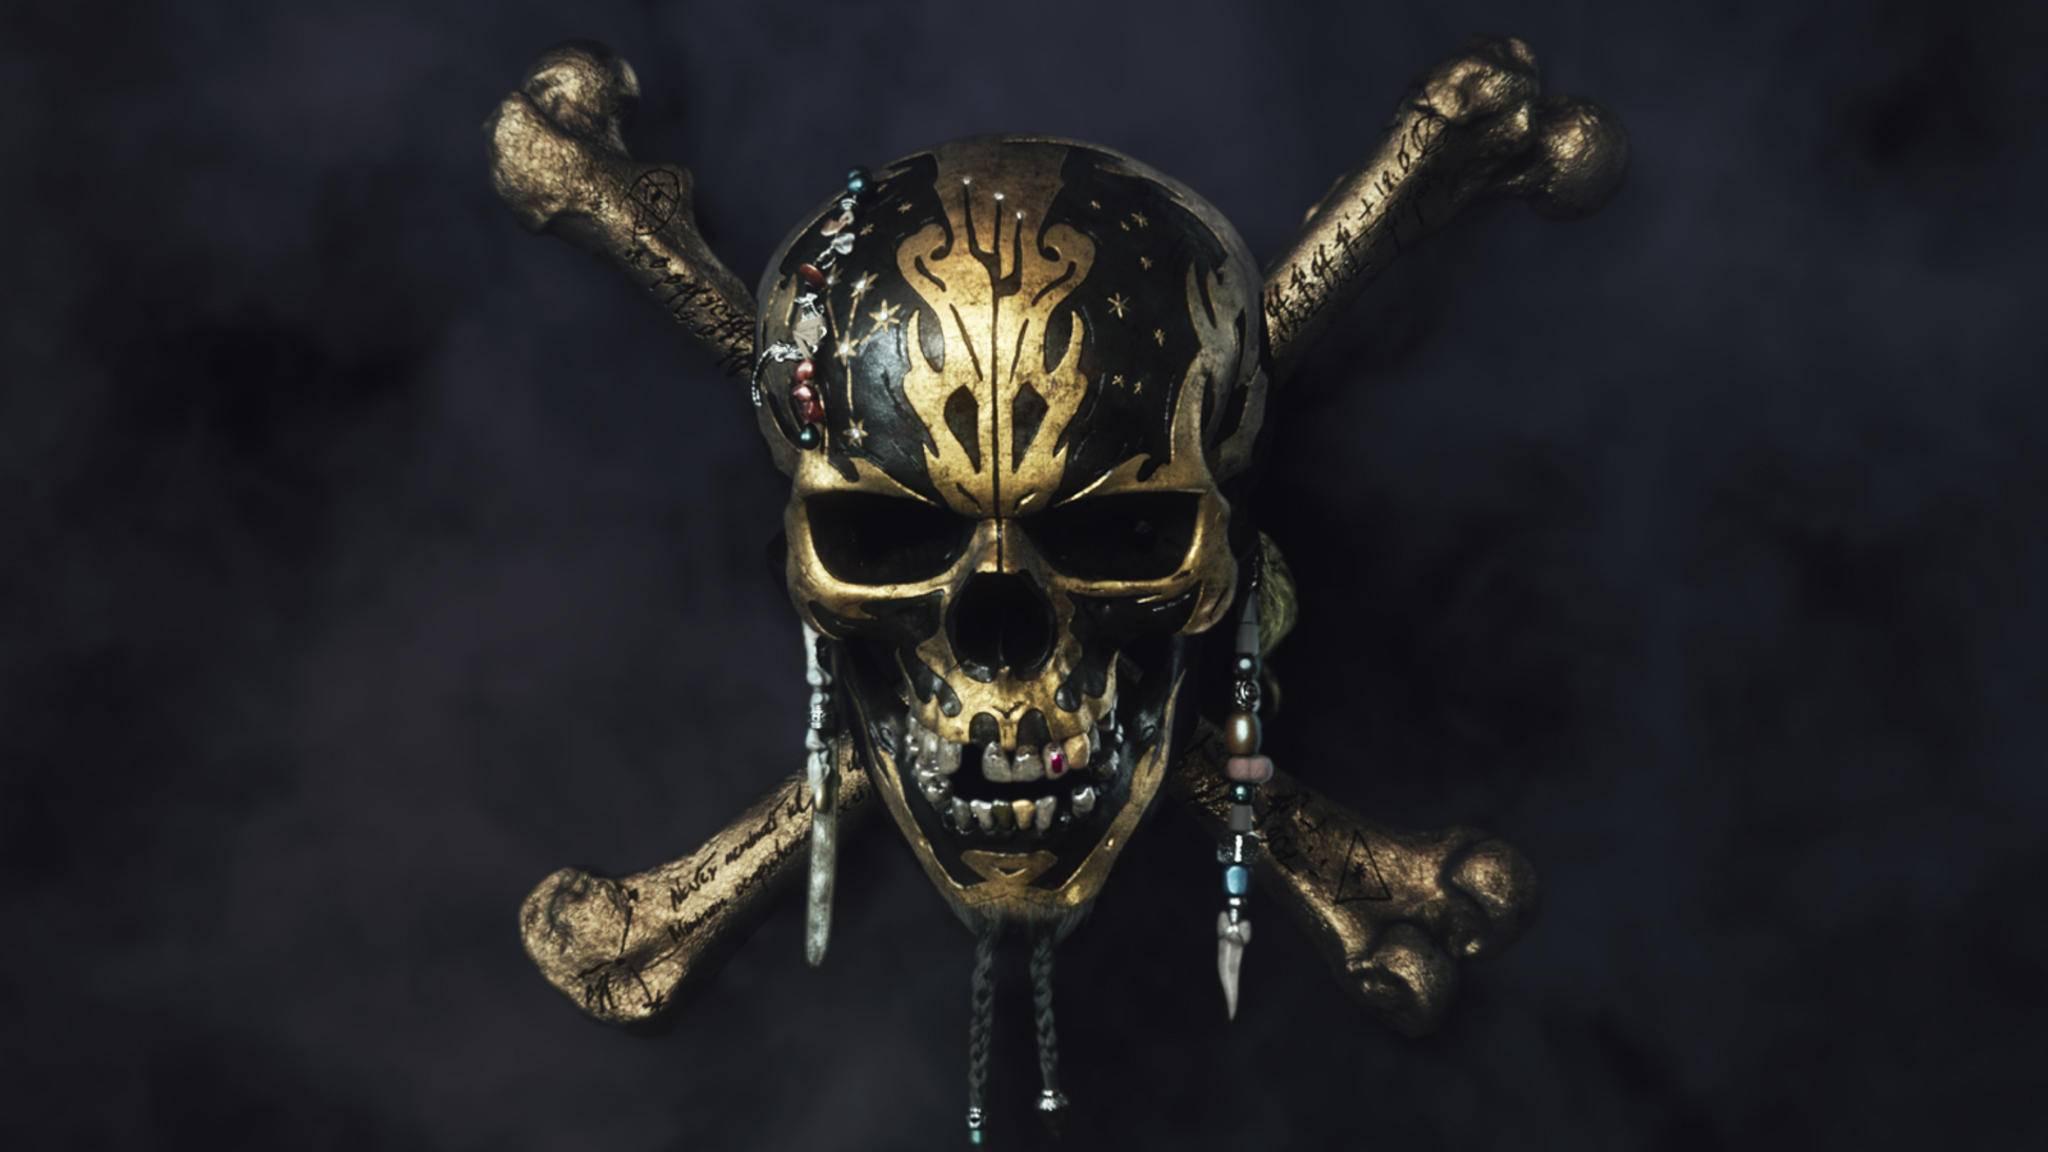 """""""Pirates of the Caribbean: Salazars Rache"""" segelt am 25. Mai in die deutschen Kinos."""